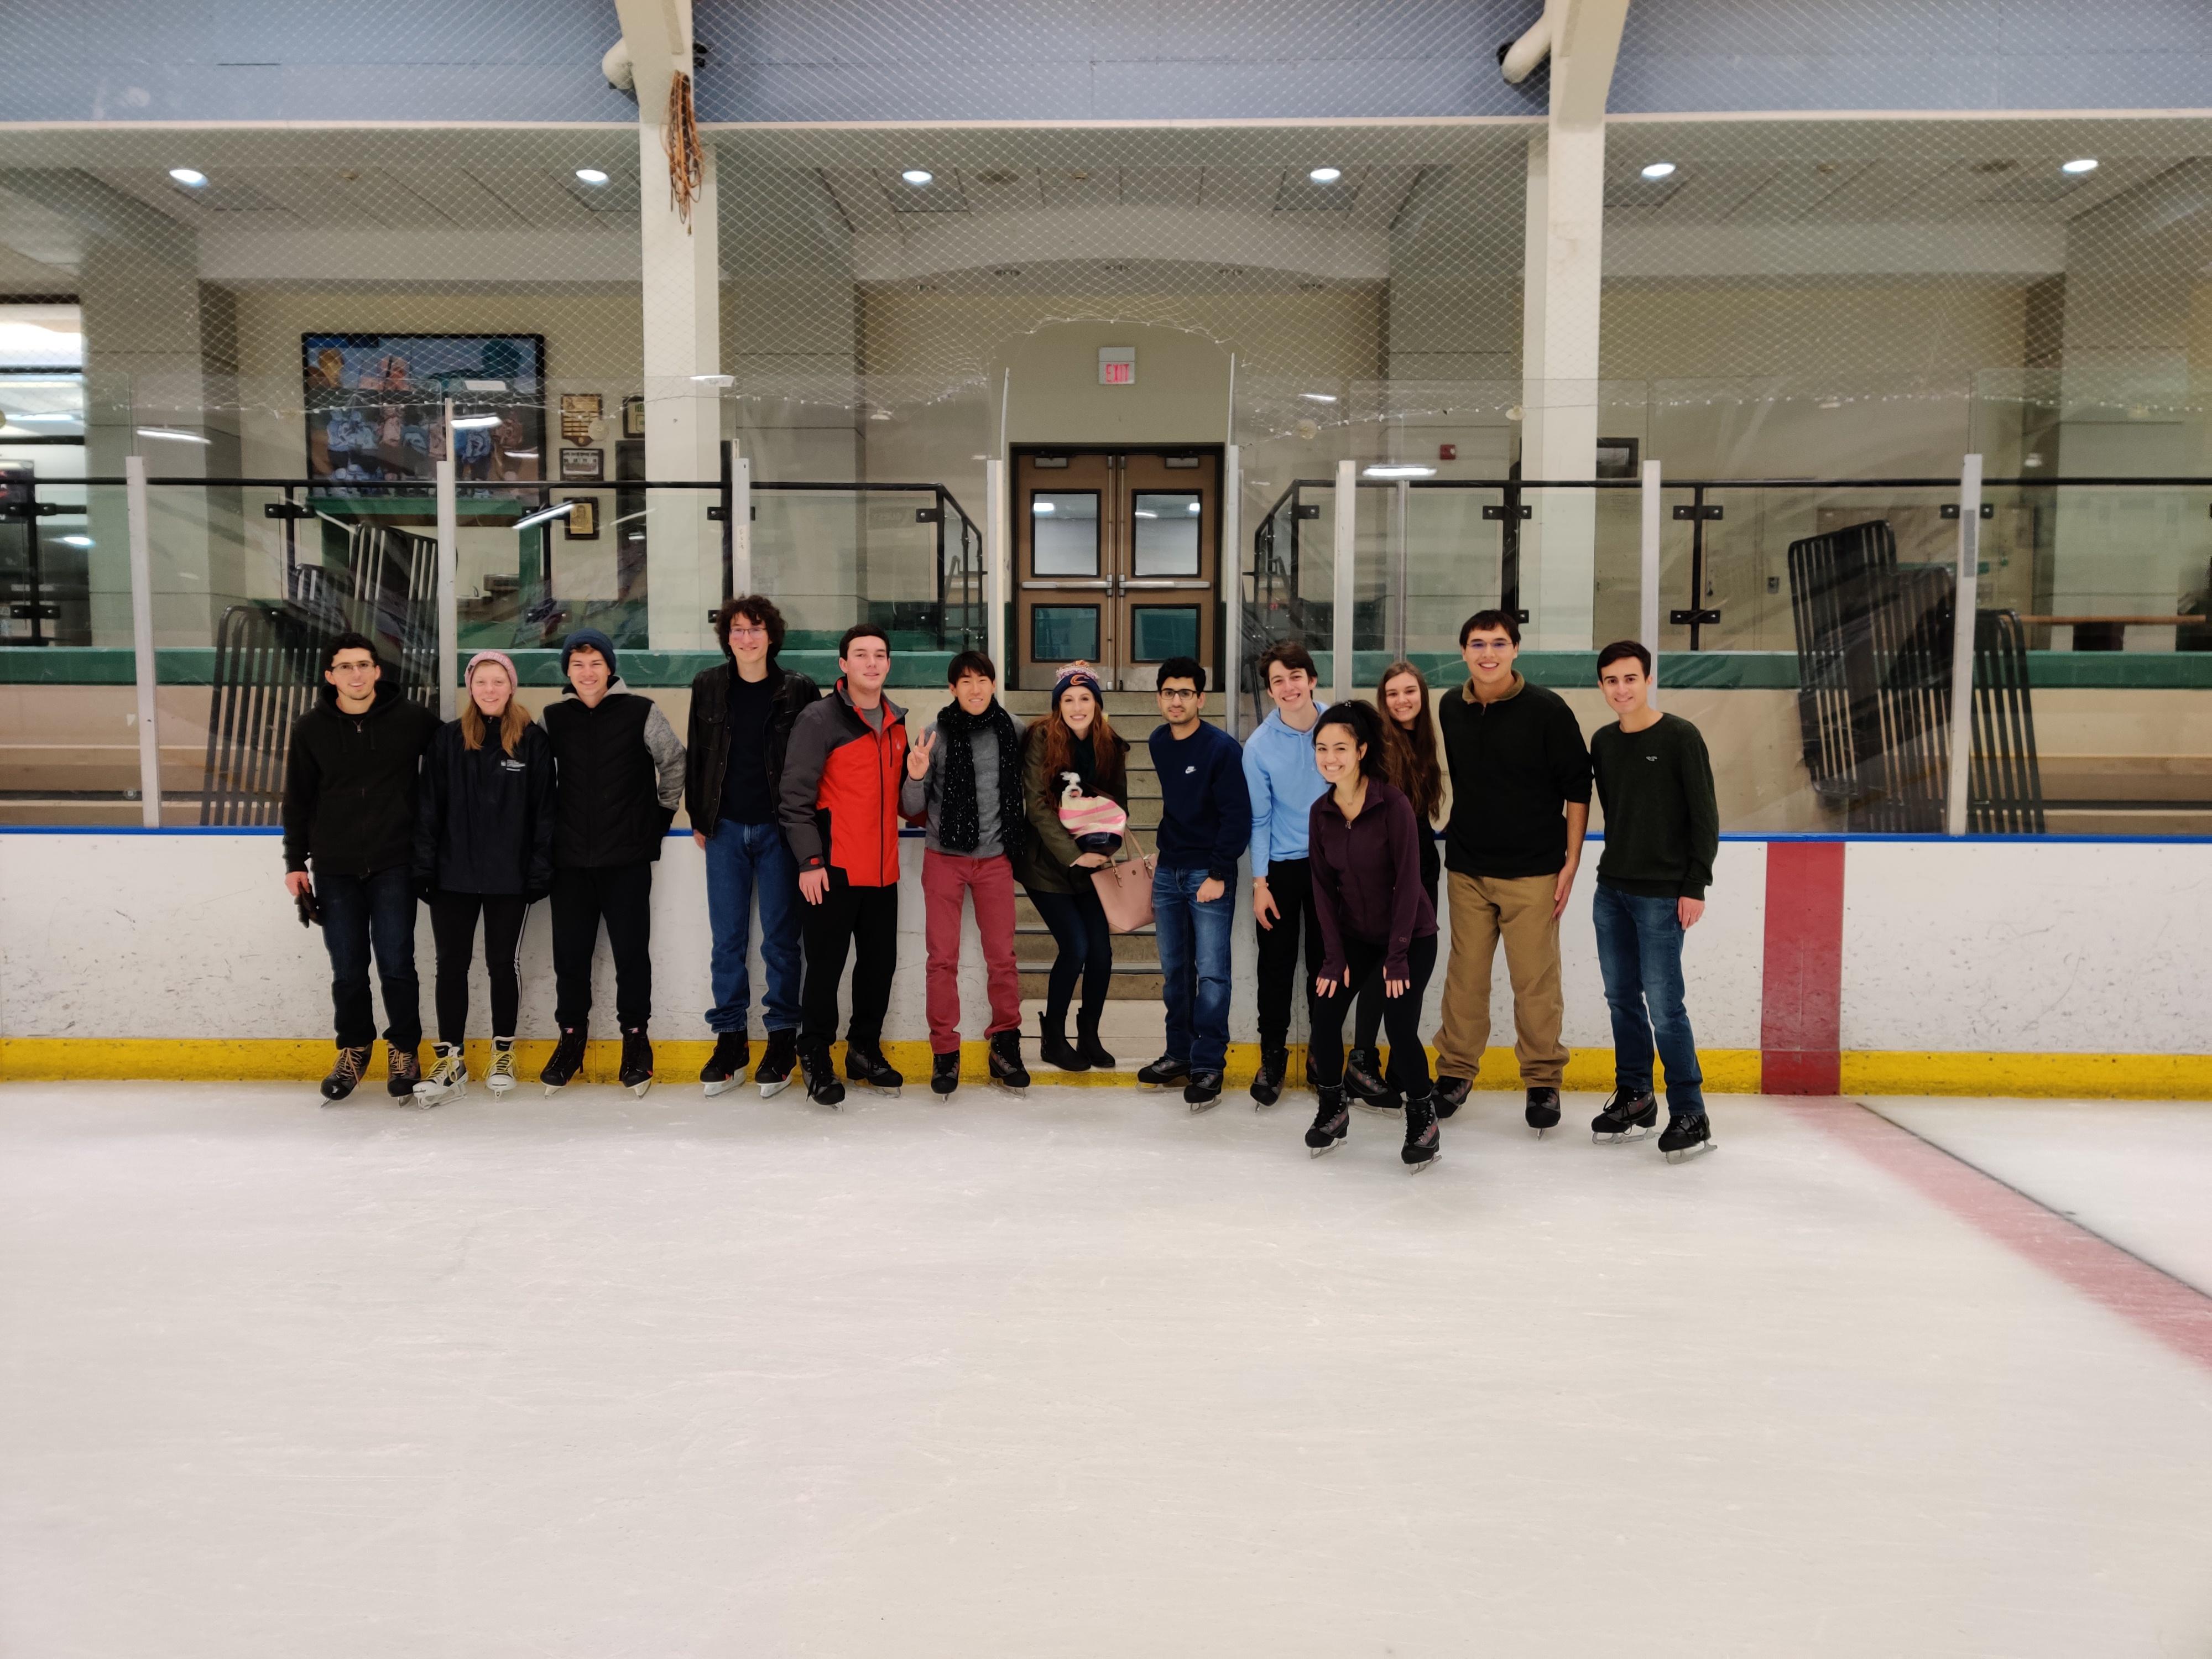 SAF Ice Skating Part 2